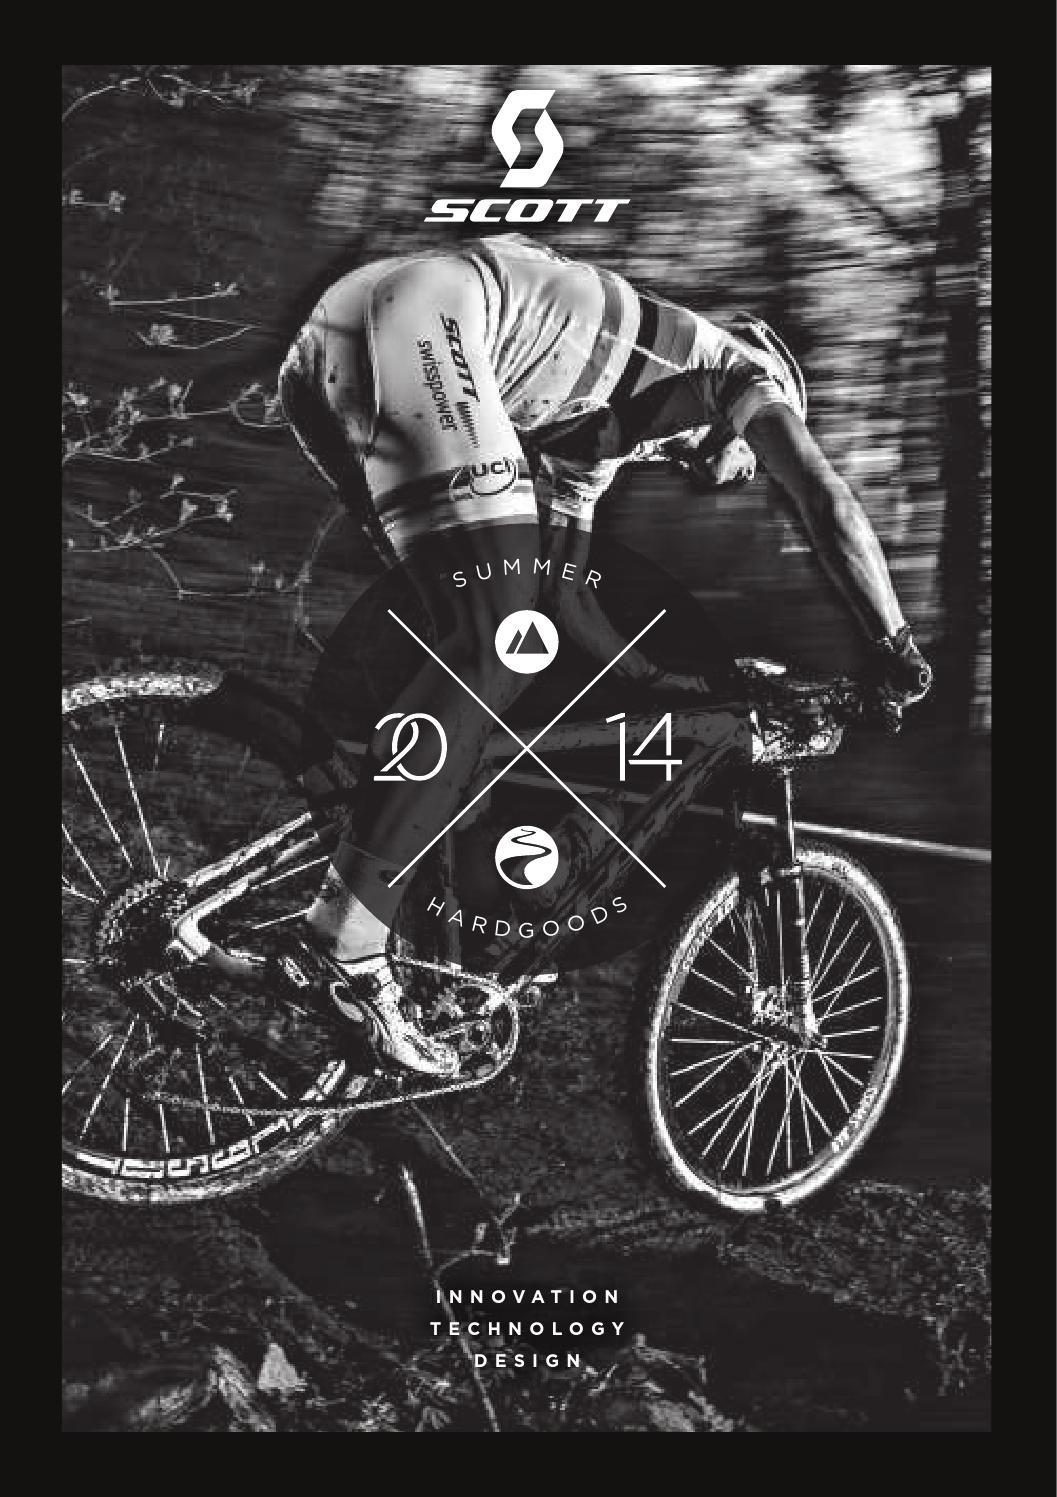 Scott Workbook Bikes 2014 By Bikeimpuls Issuu Network Diagram For Single Site Standard Quicktrac Setup